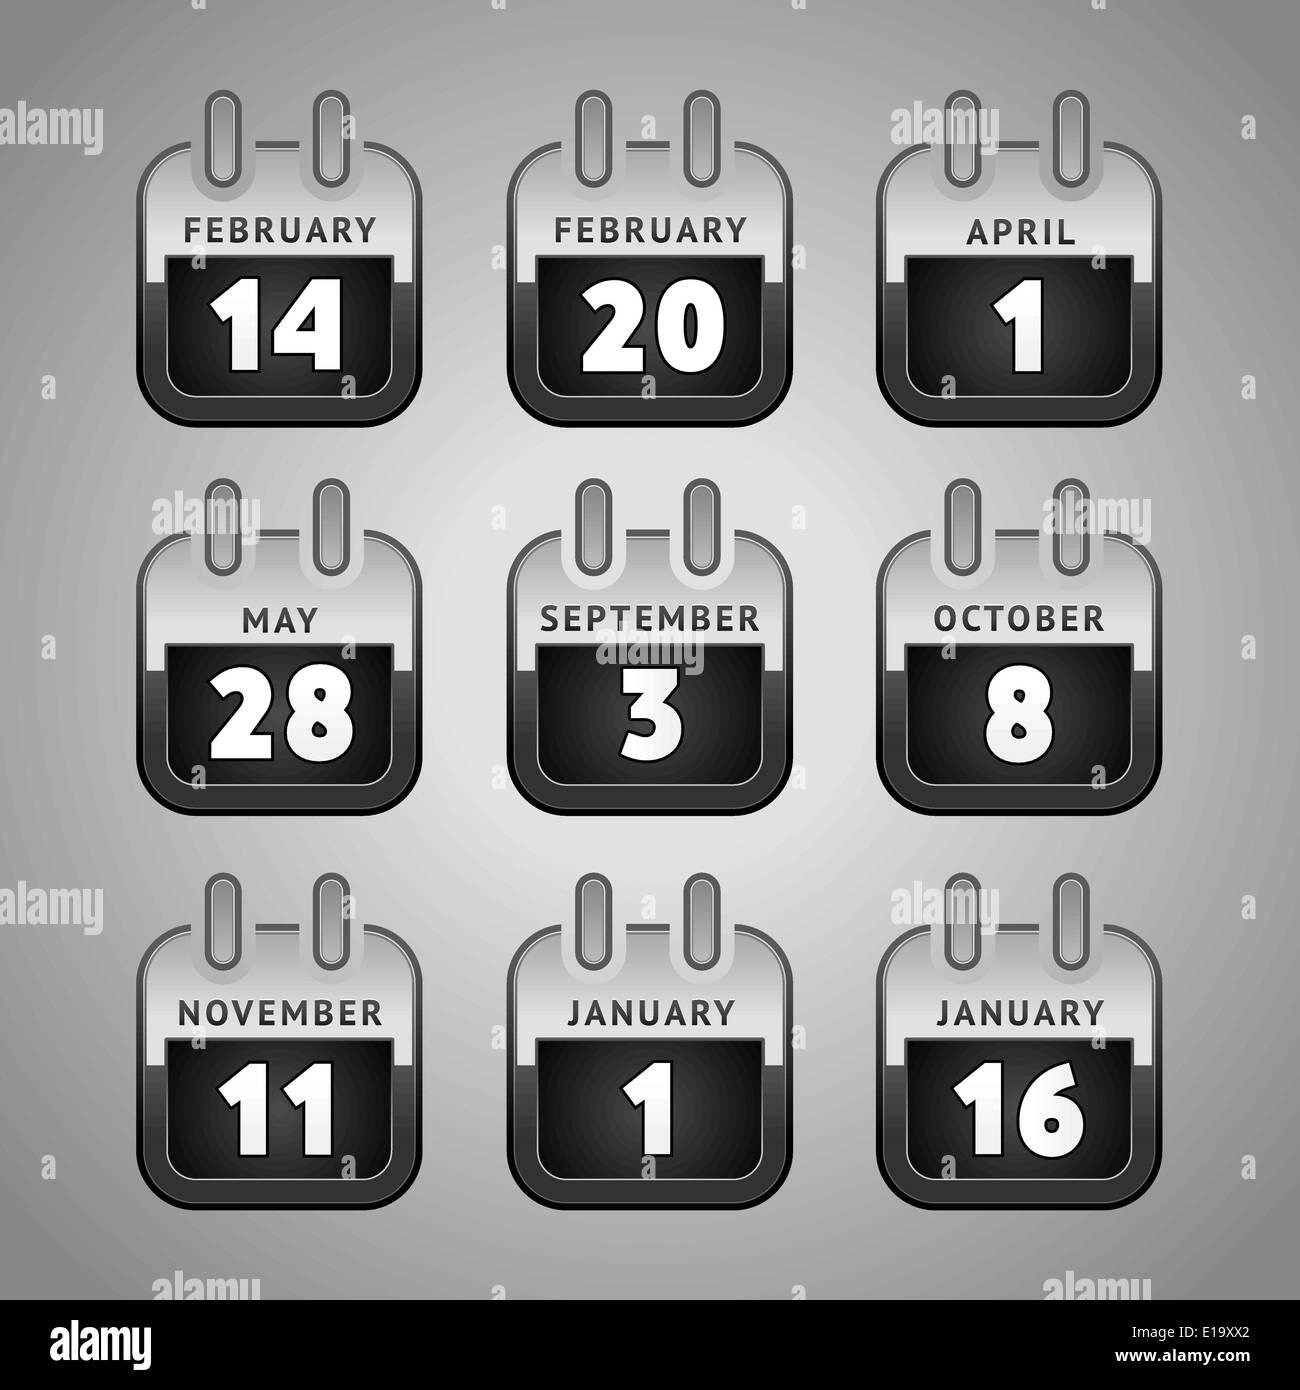 Calendario Per Sito Web.Impostare Il Calendario Web Icone Internet Sito Web